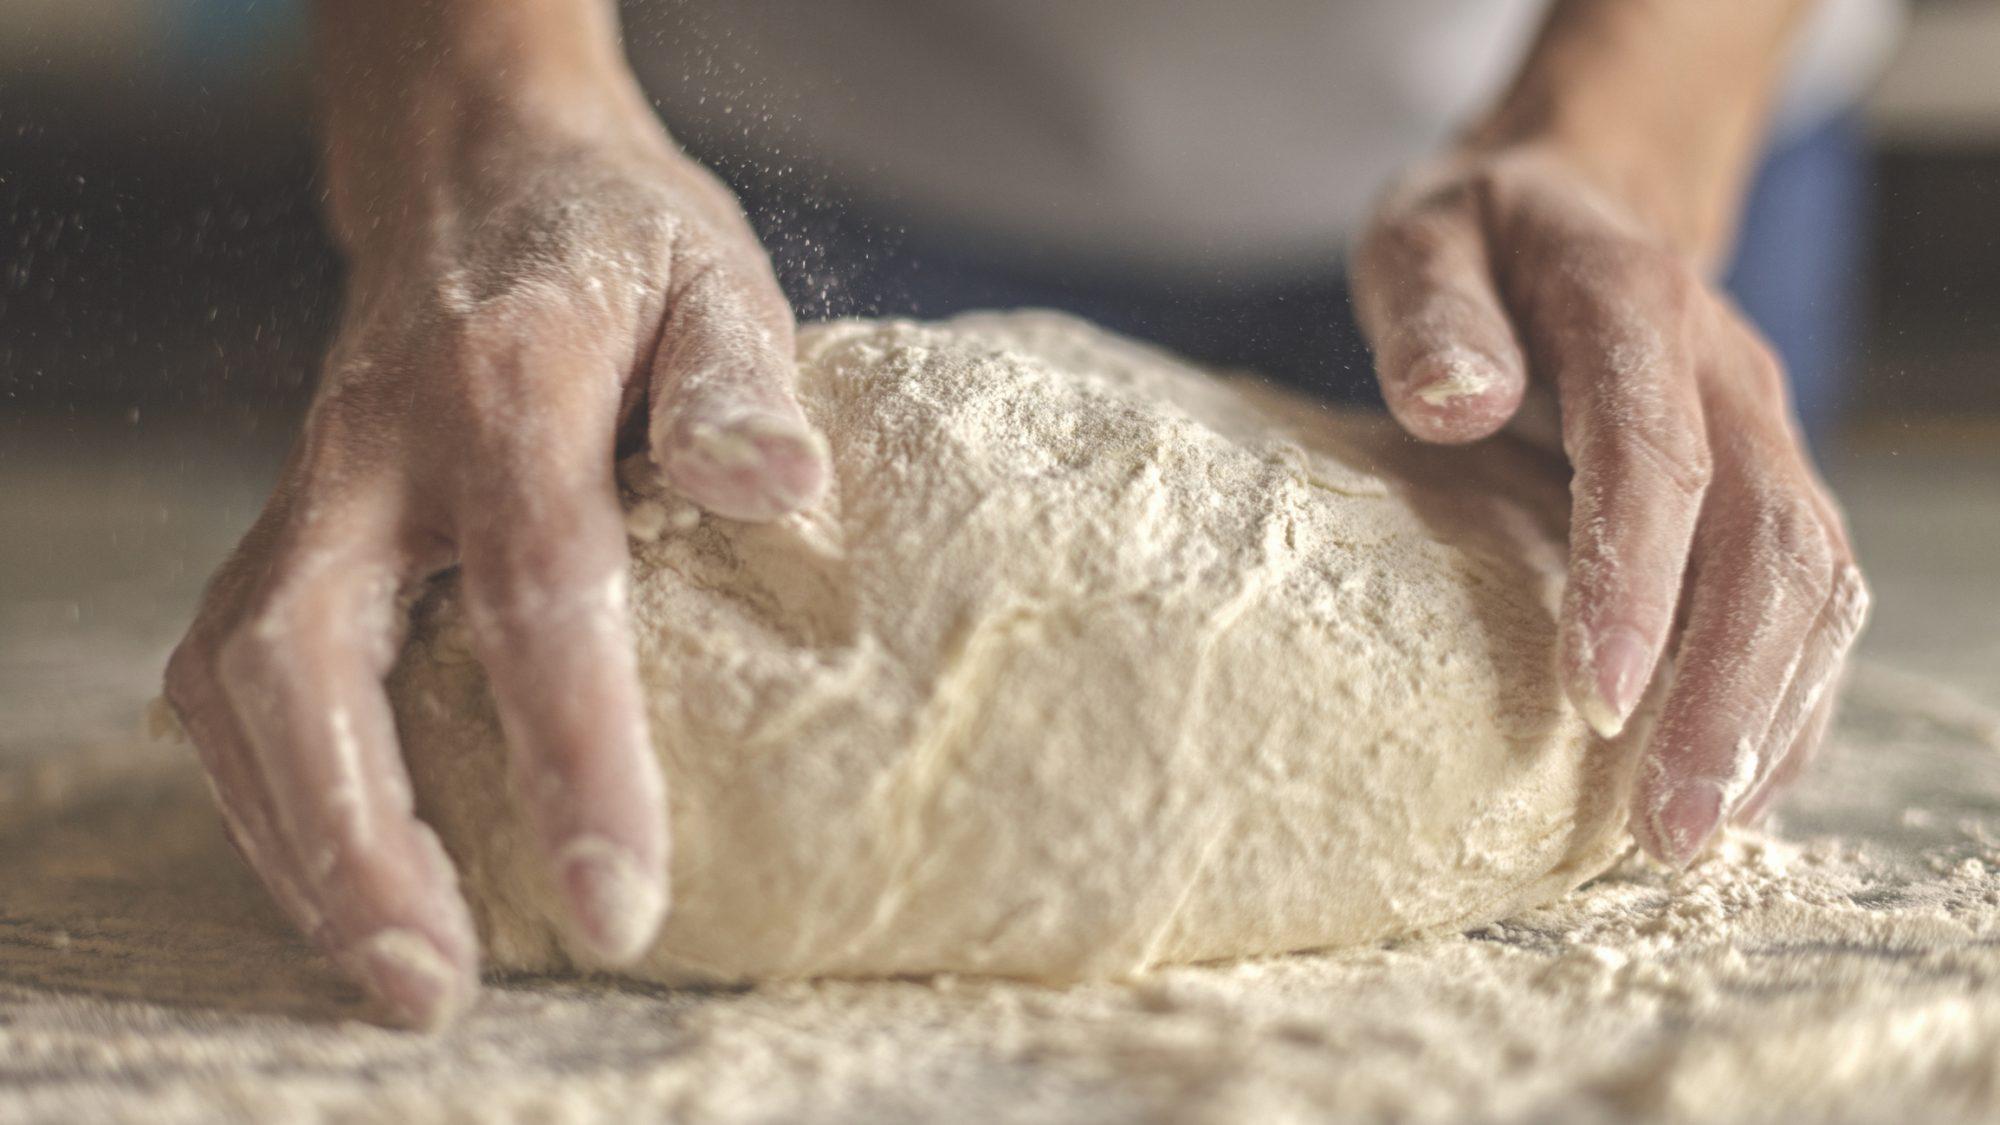 getty-bread-dough-image